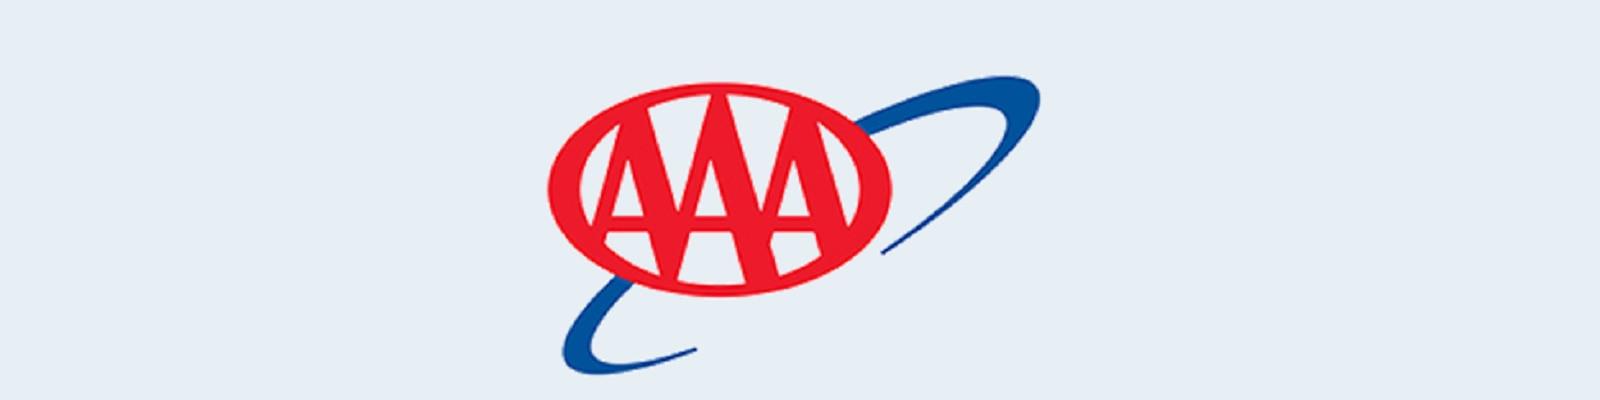 Burlington AAA